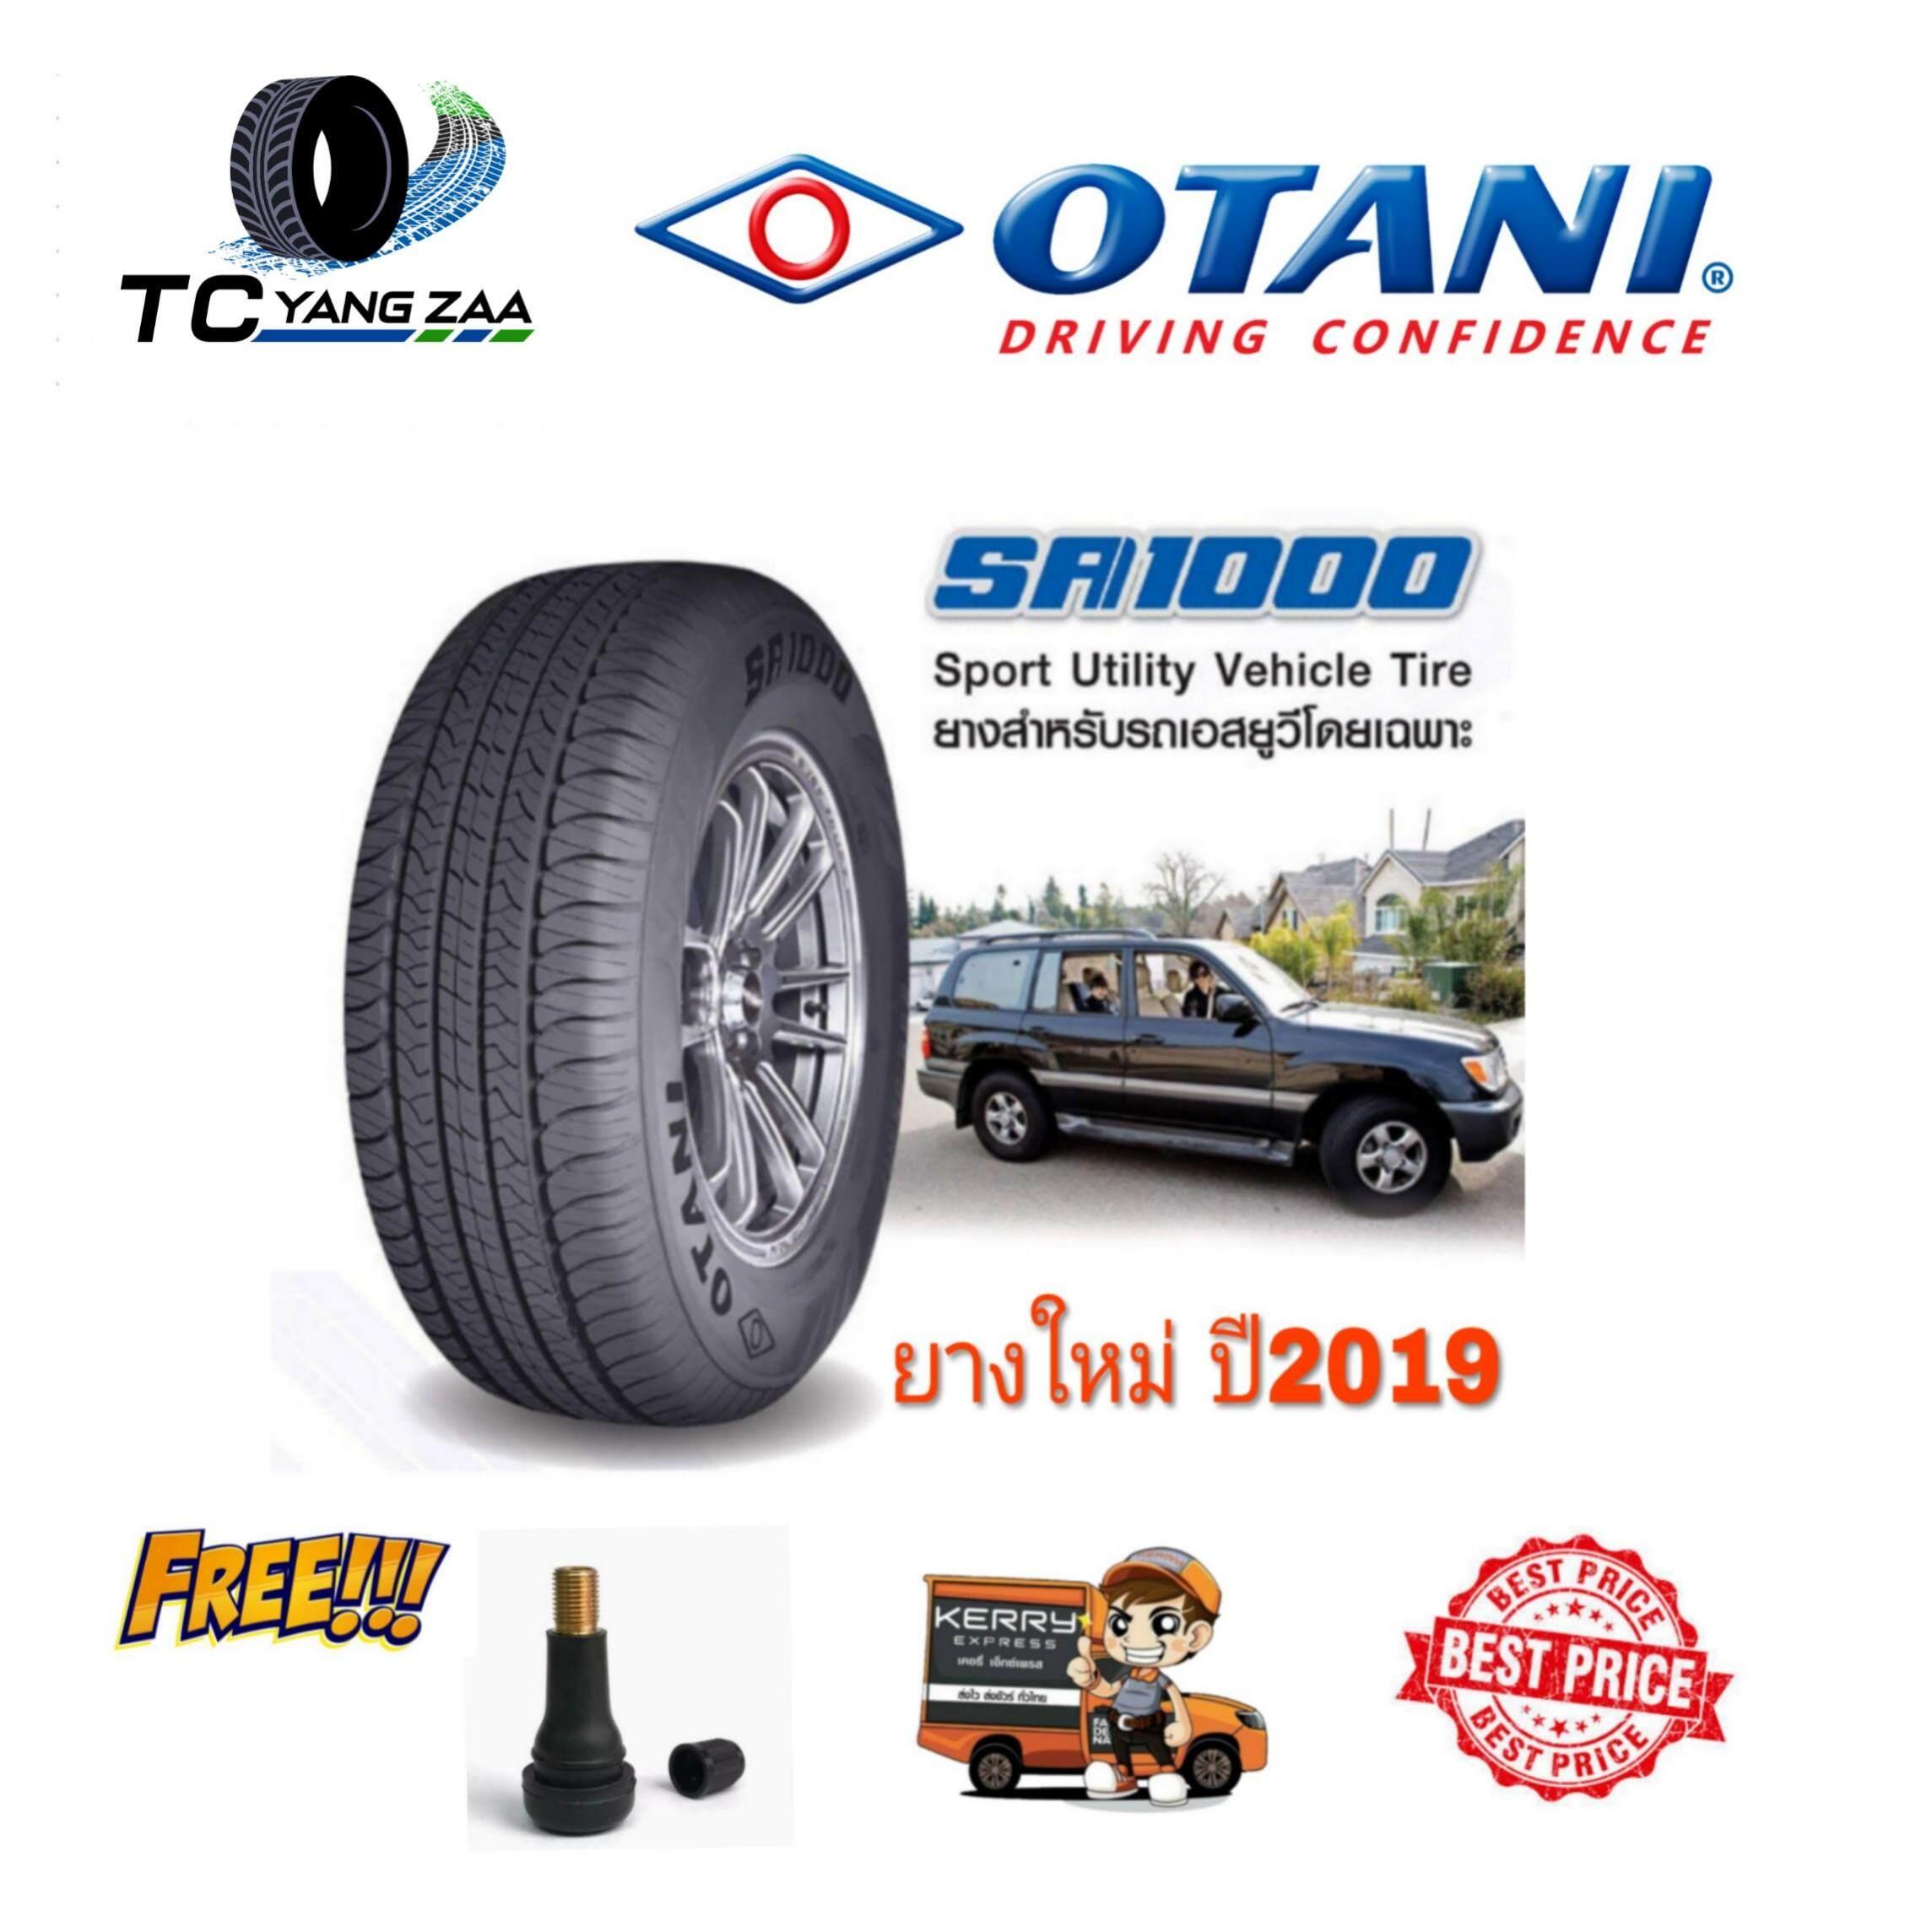 ประกันภัย รถยนต์ ชั้น 3 ราคา ถูก แม่ฮ่องสอน ยางรถยนต์ OTANI 245/70R16XL (ขอบ16) SA1000 แถมจุ๊บลมยาง